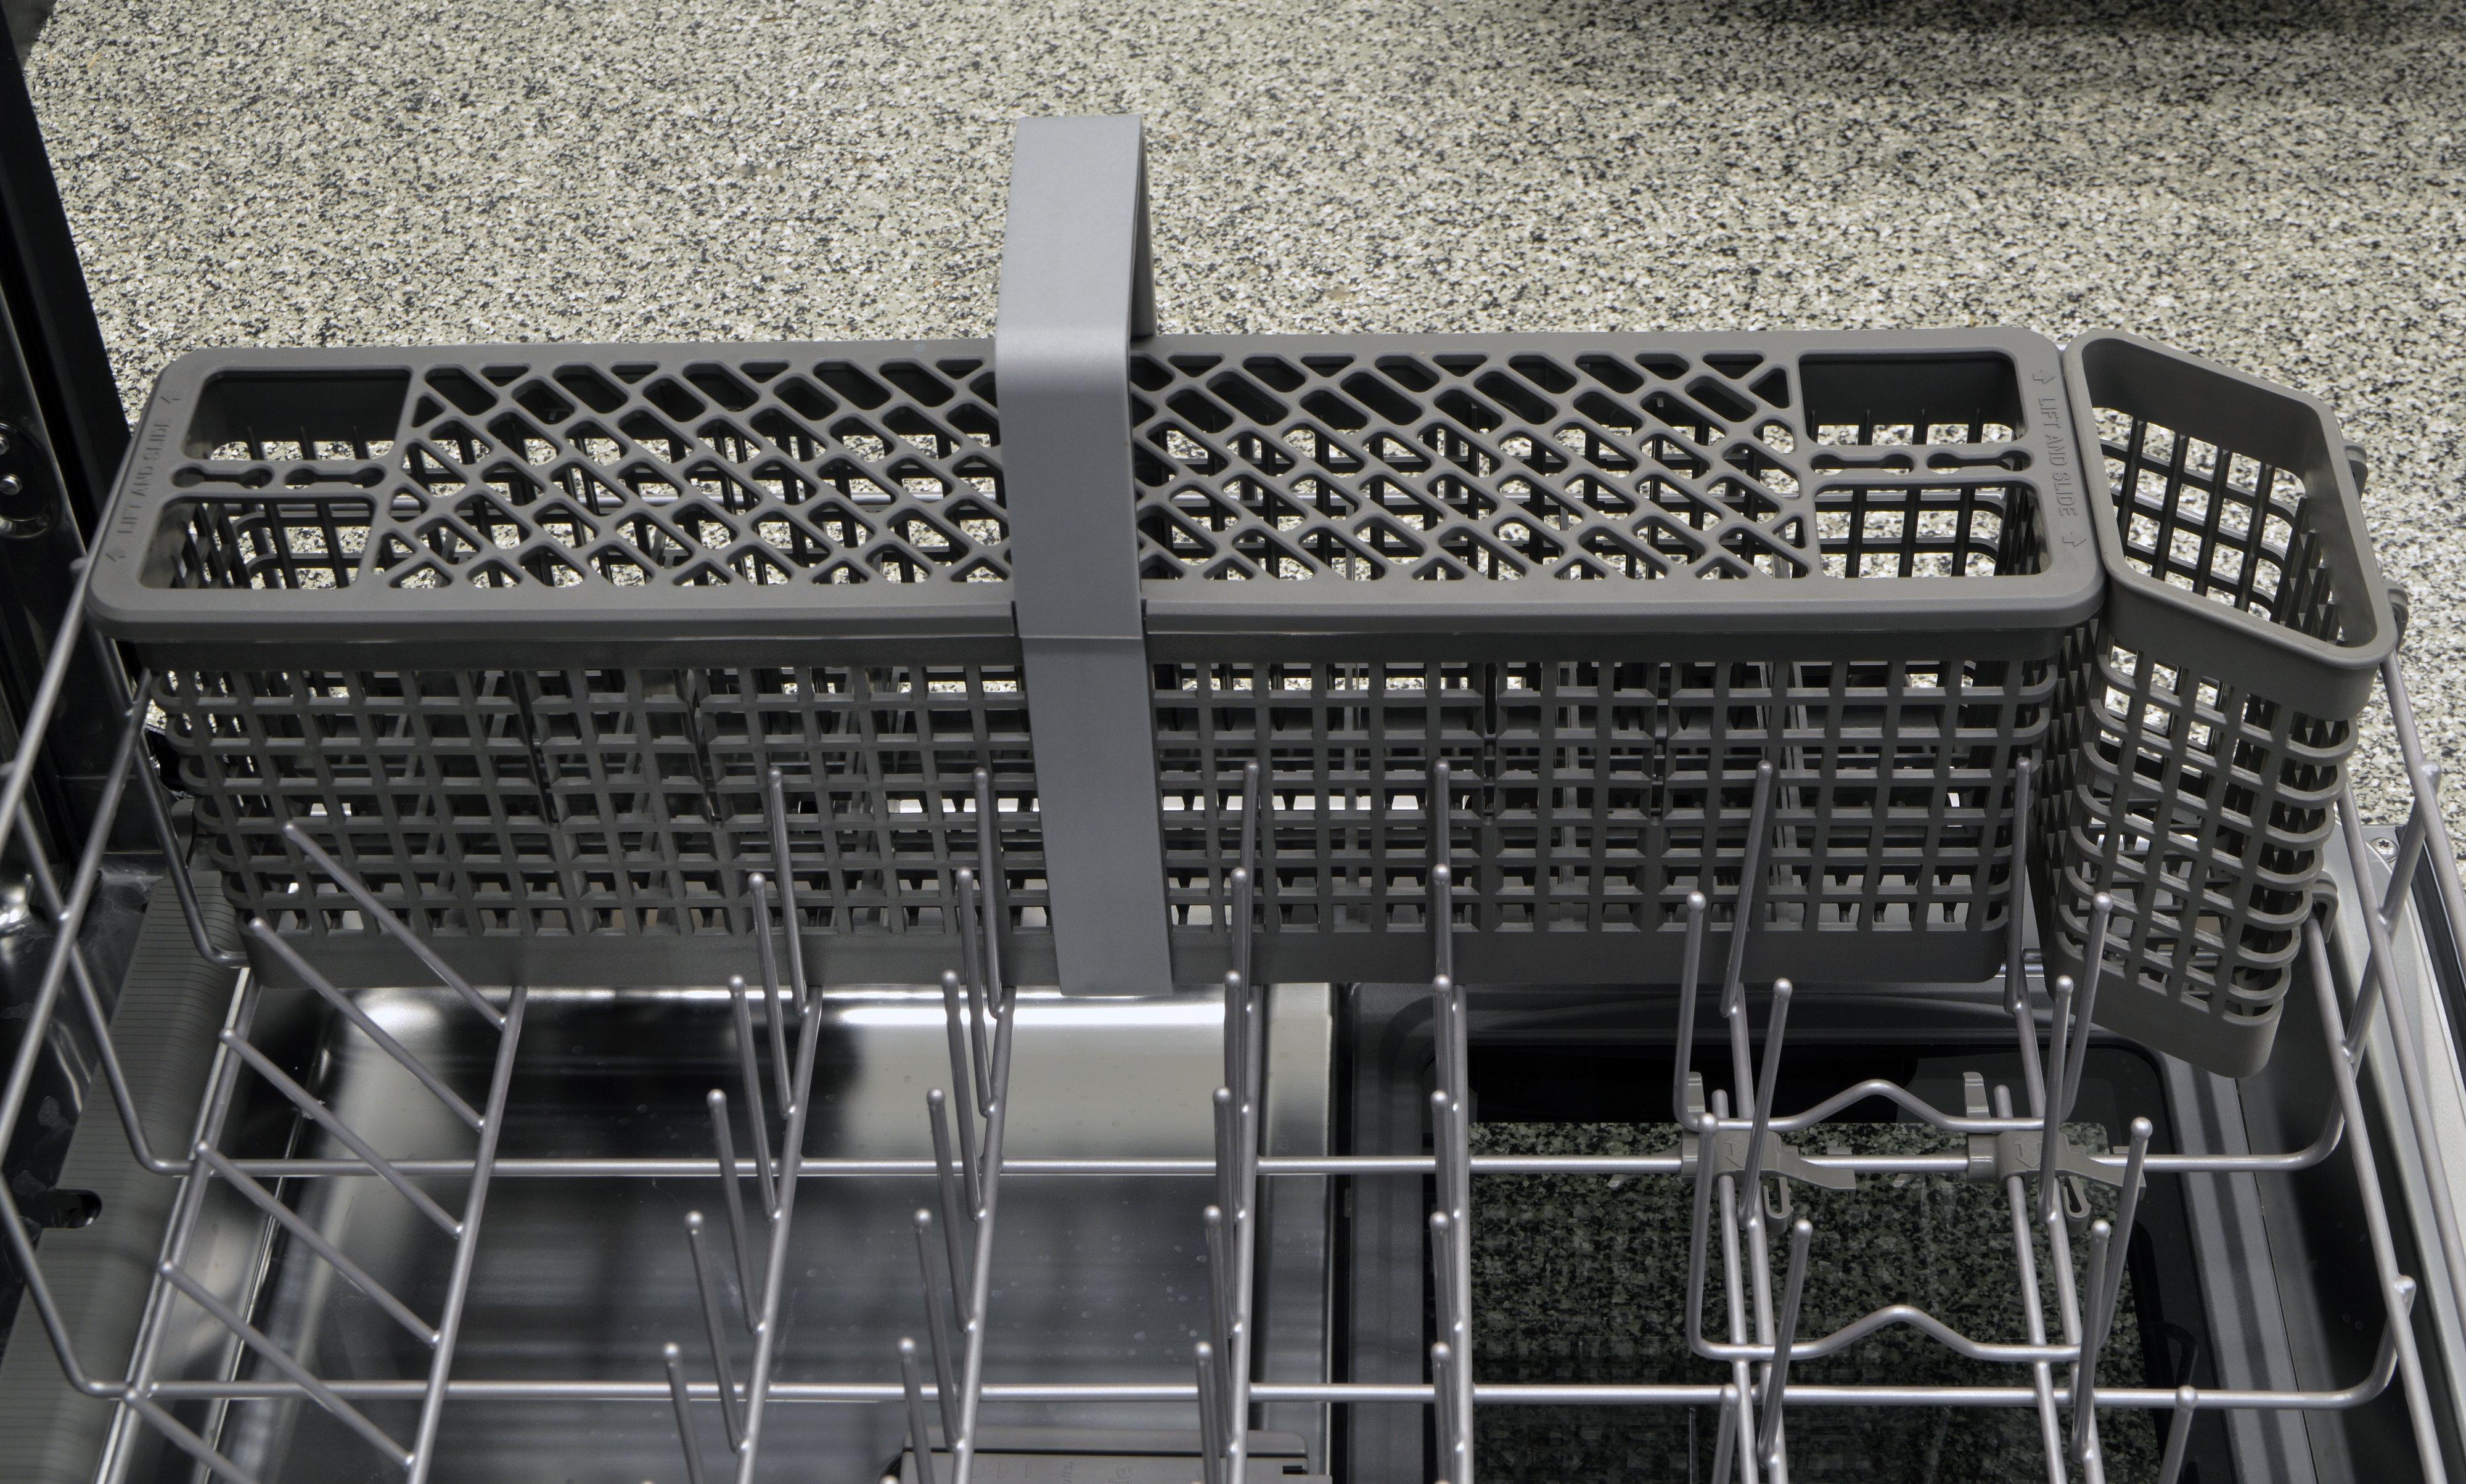 Long, wide cutlery basket in the lower rack